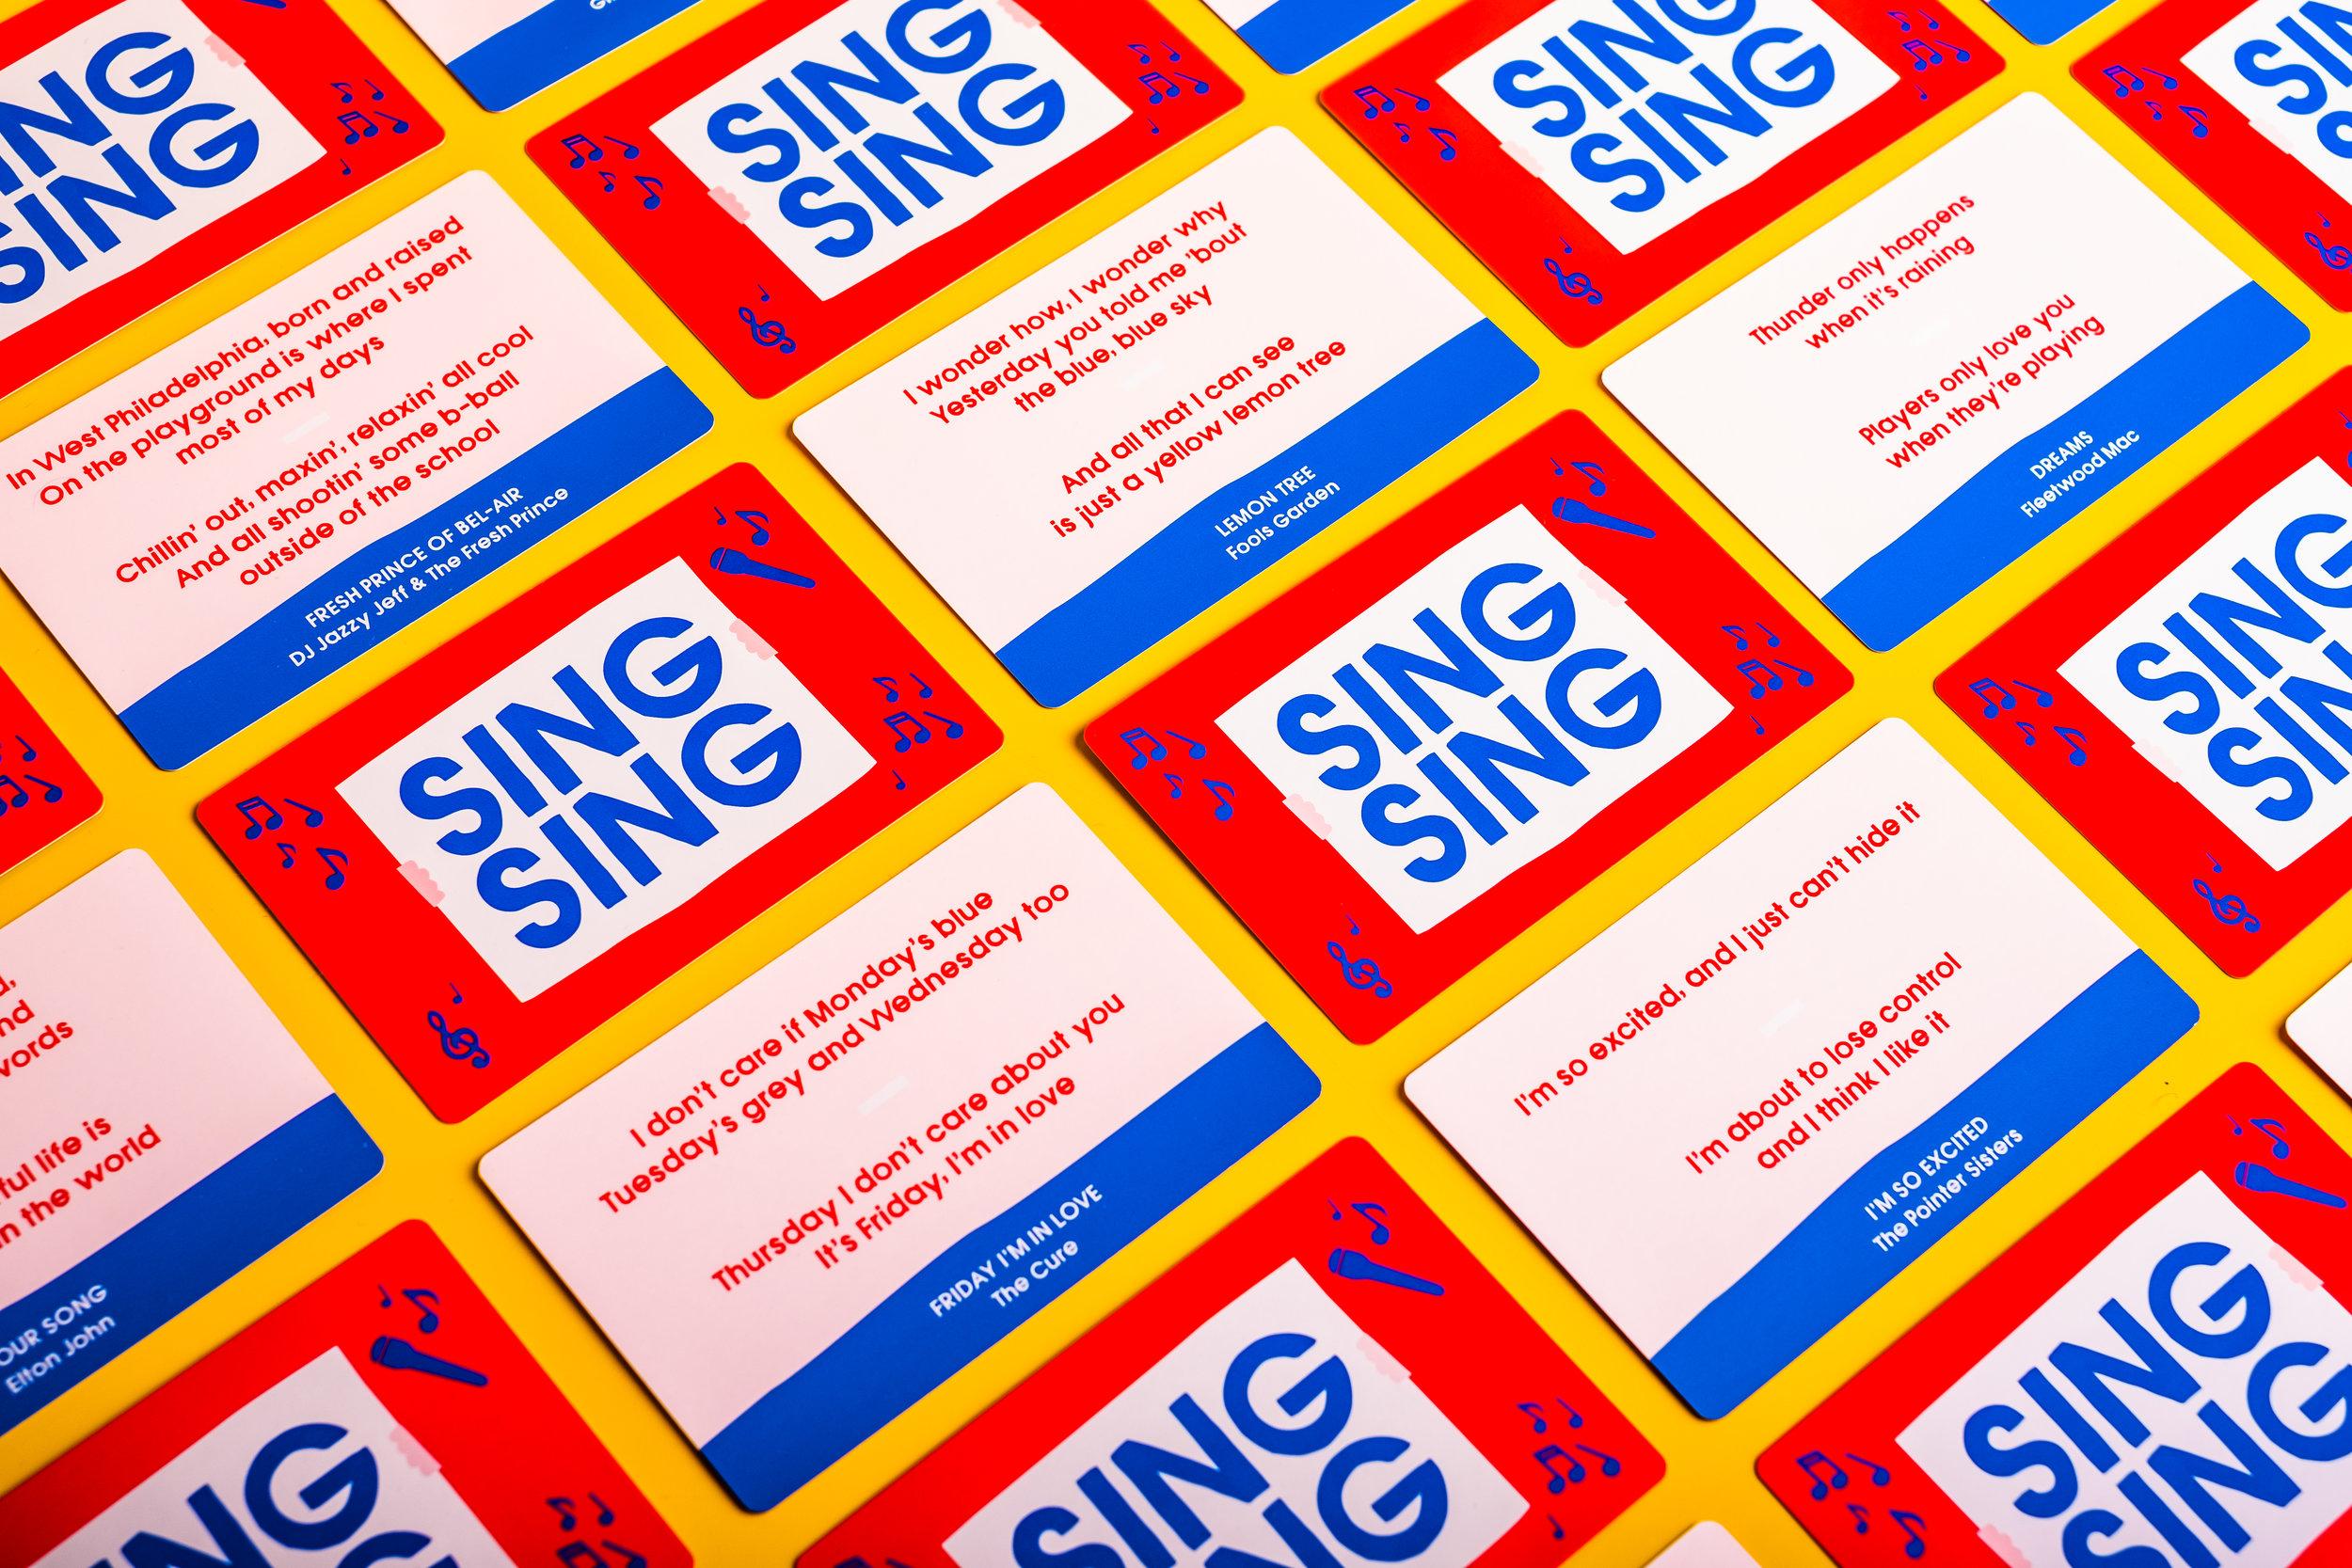 SingSing-0204_fixed.jpg